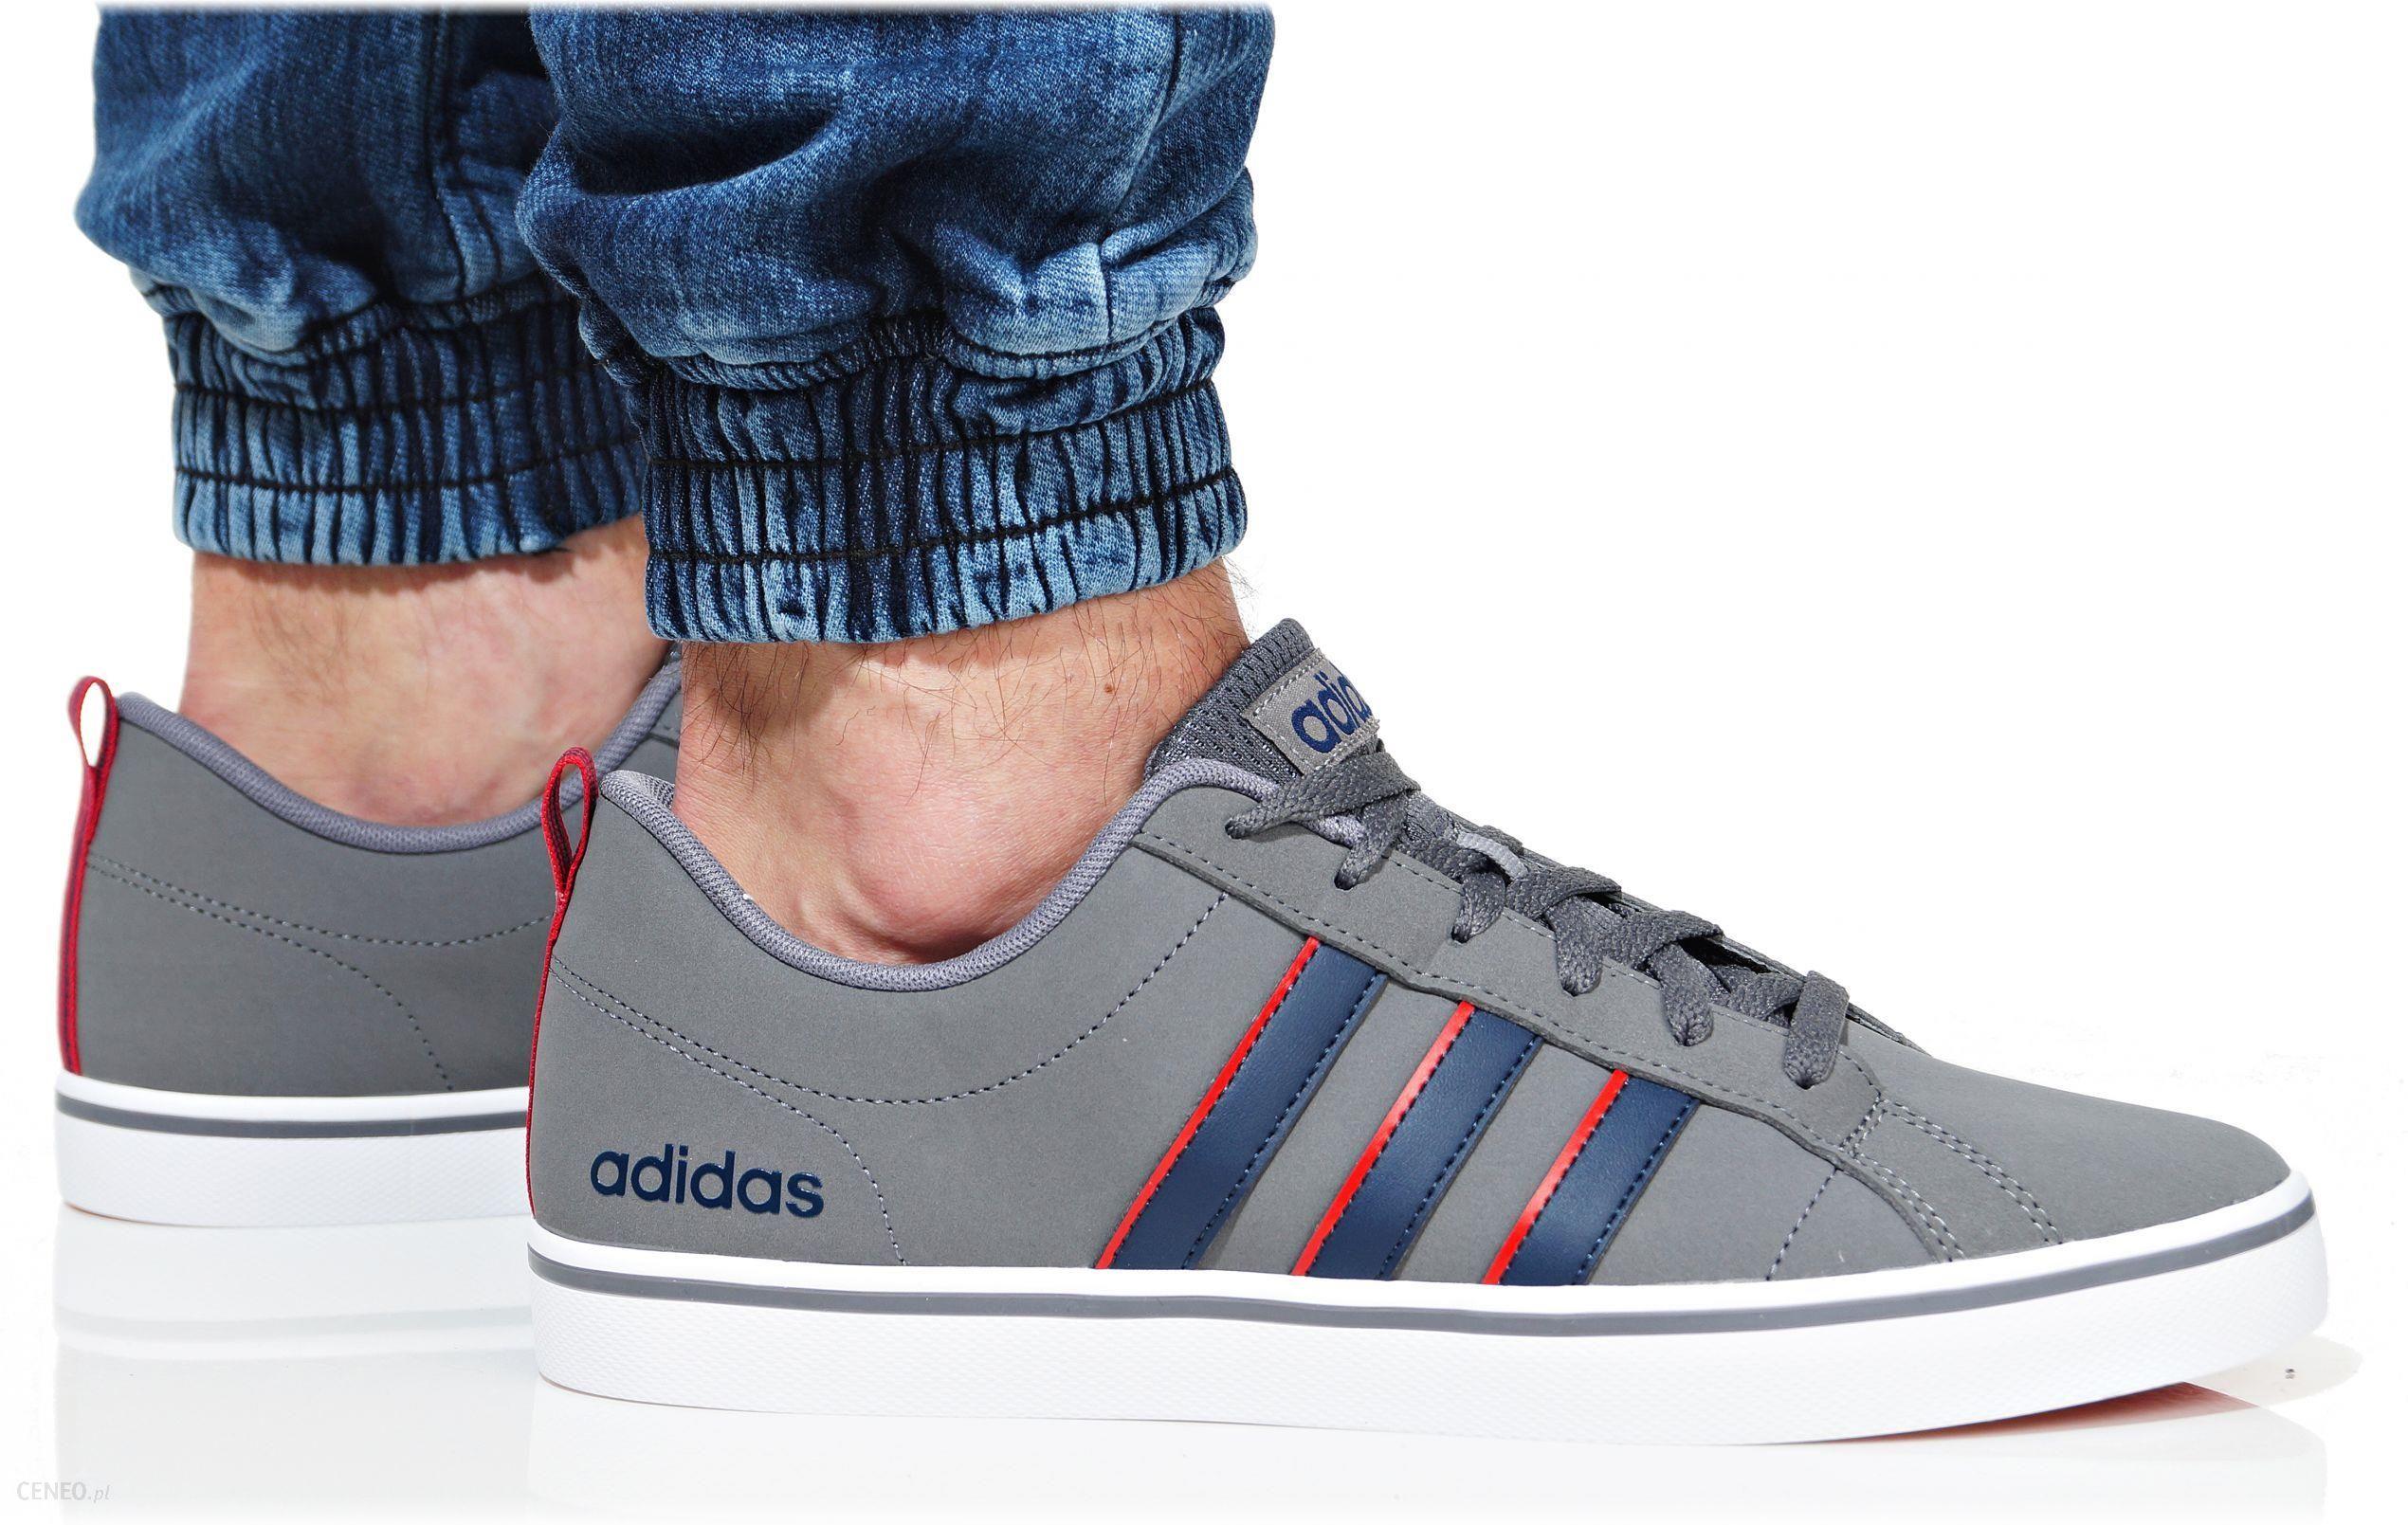 Adidas Neo Utility. Buty brązowe, rozmiar 40 23 | Sport